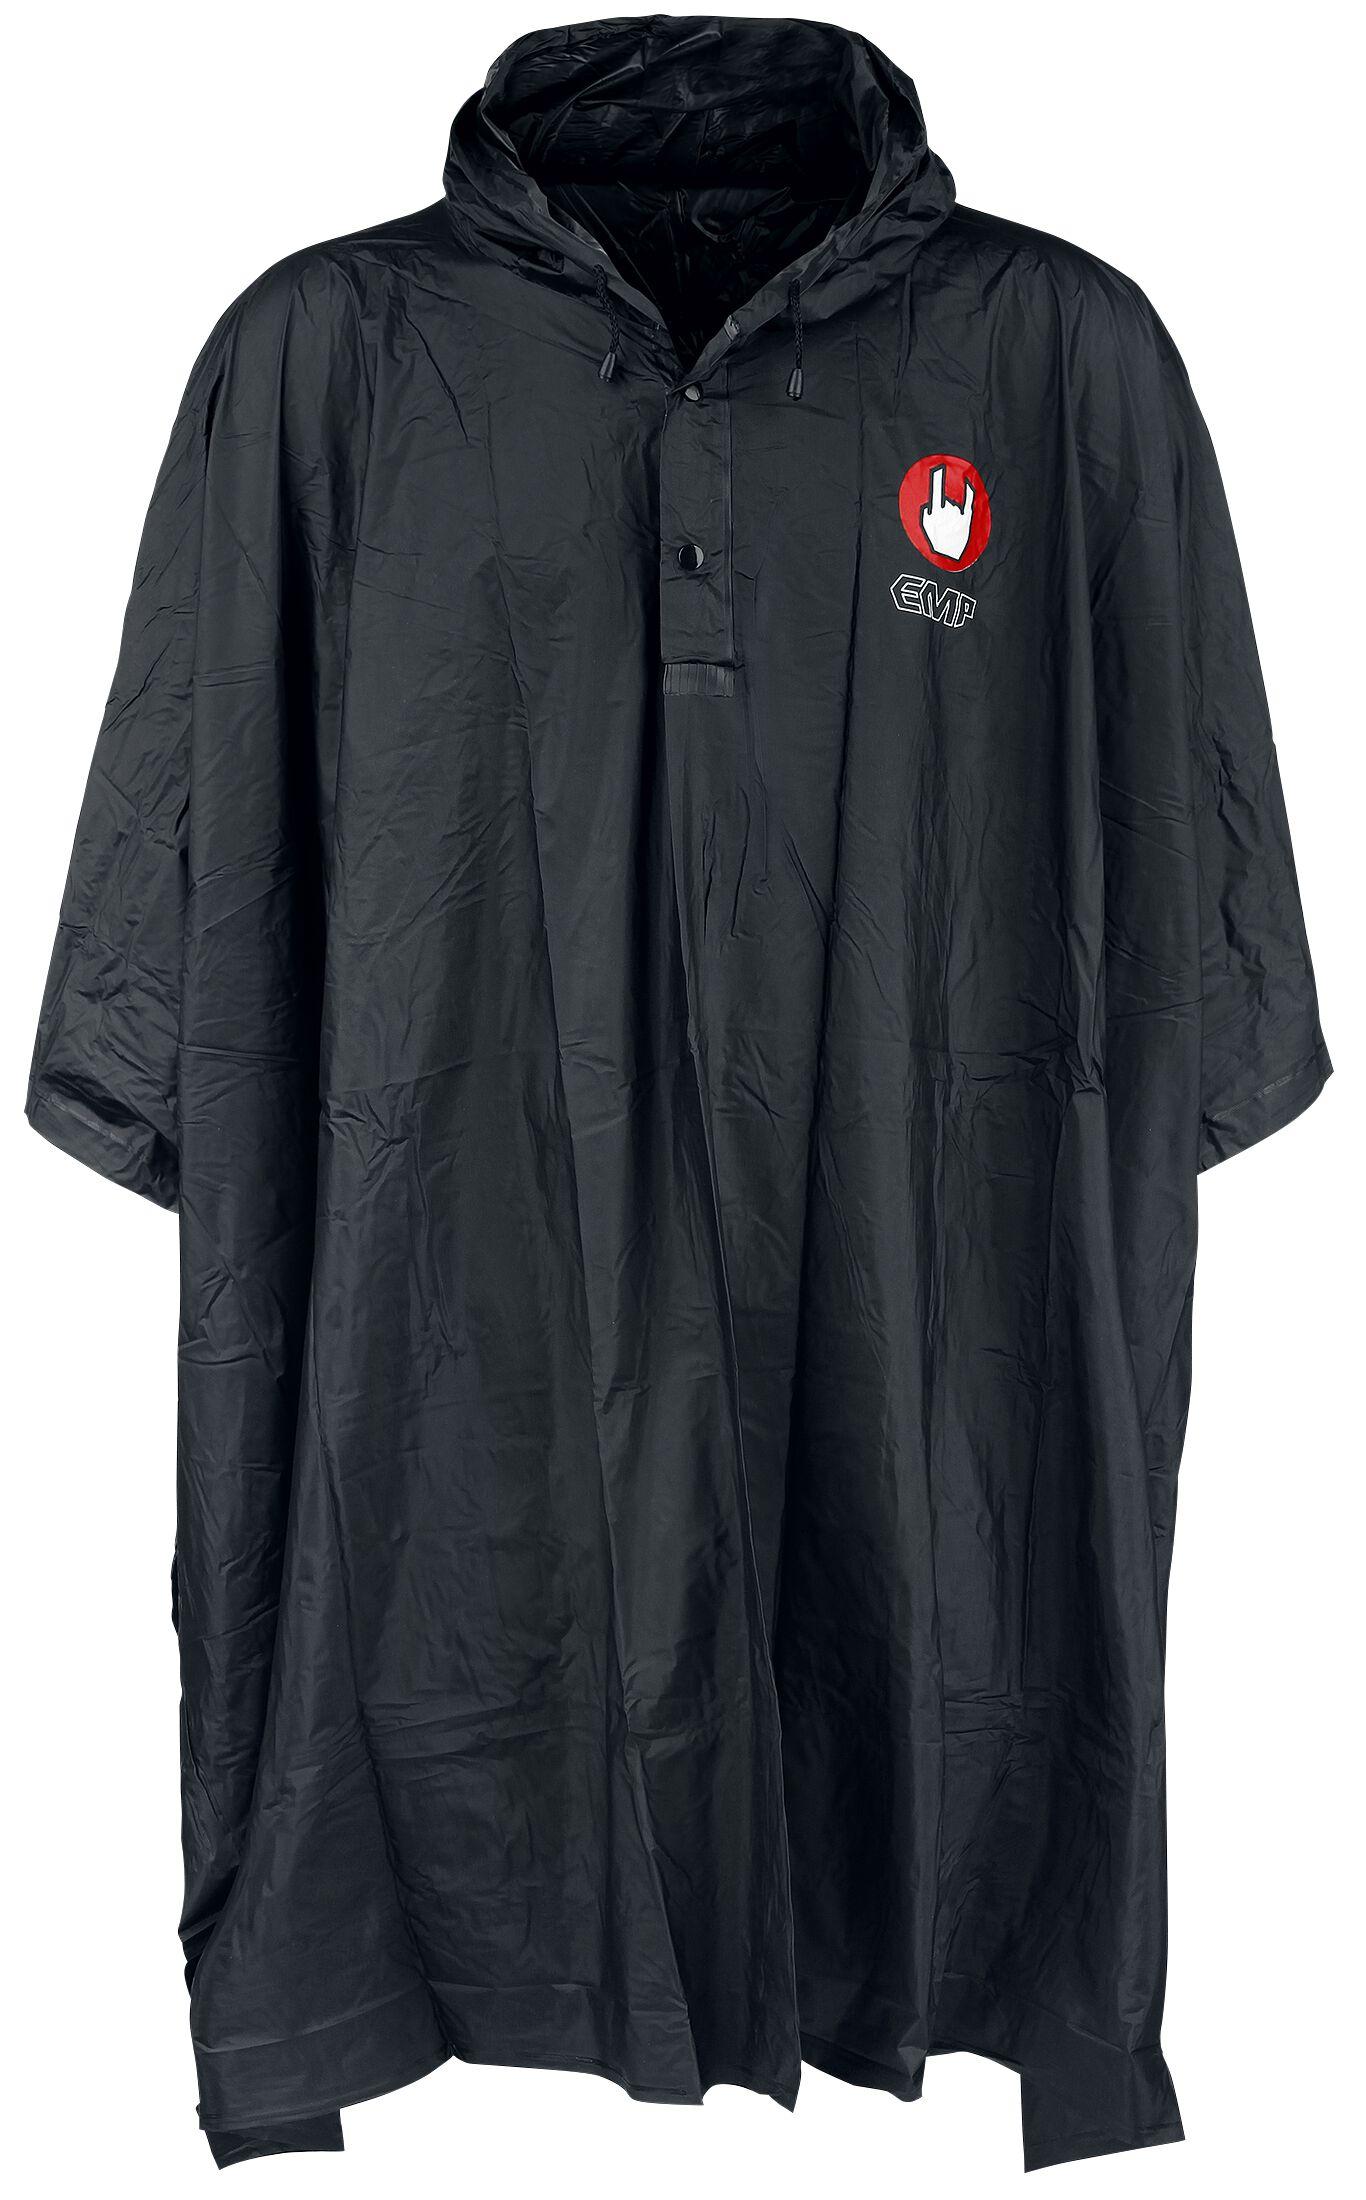 Fun Shirts - Kurtki - Poncho EMP Poncho przeciwdeszczowe Poncho czarny - 347970